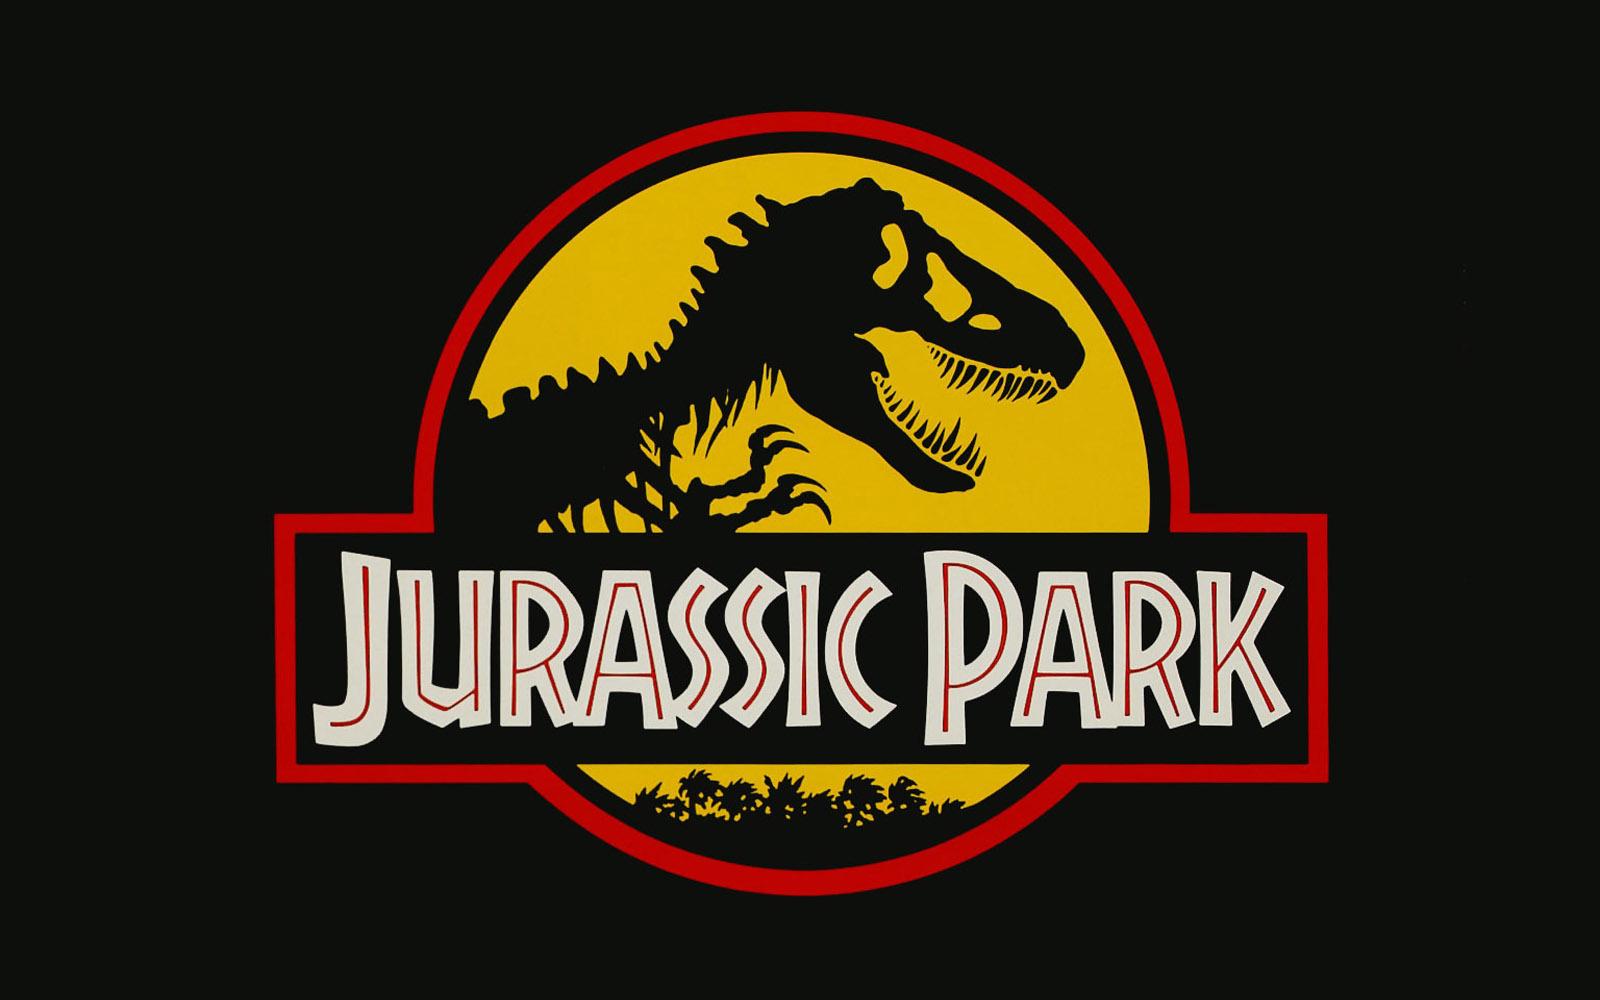 Regisseur von Jurassic Park 4